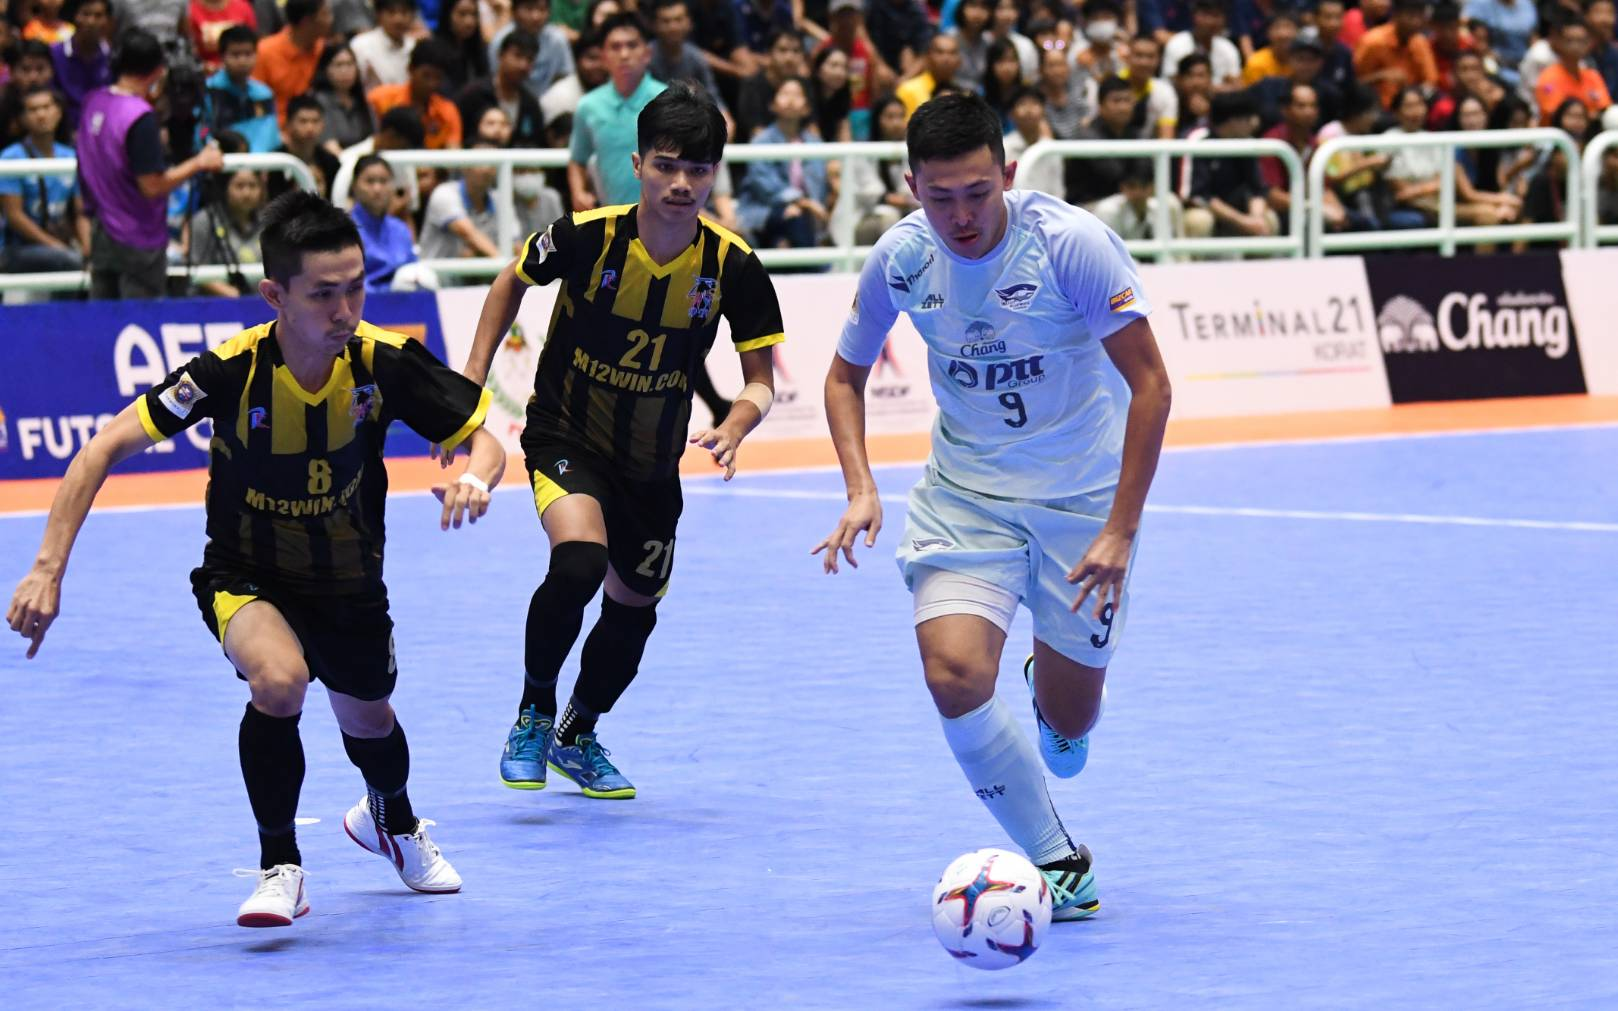 AFF FUTSAL CUP 2019 ชลบุรี พีทีที บลูเวฟ ศุภวุฒิ เถื่อนกลาง